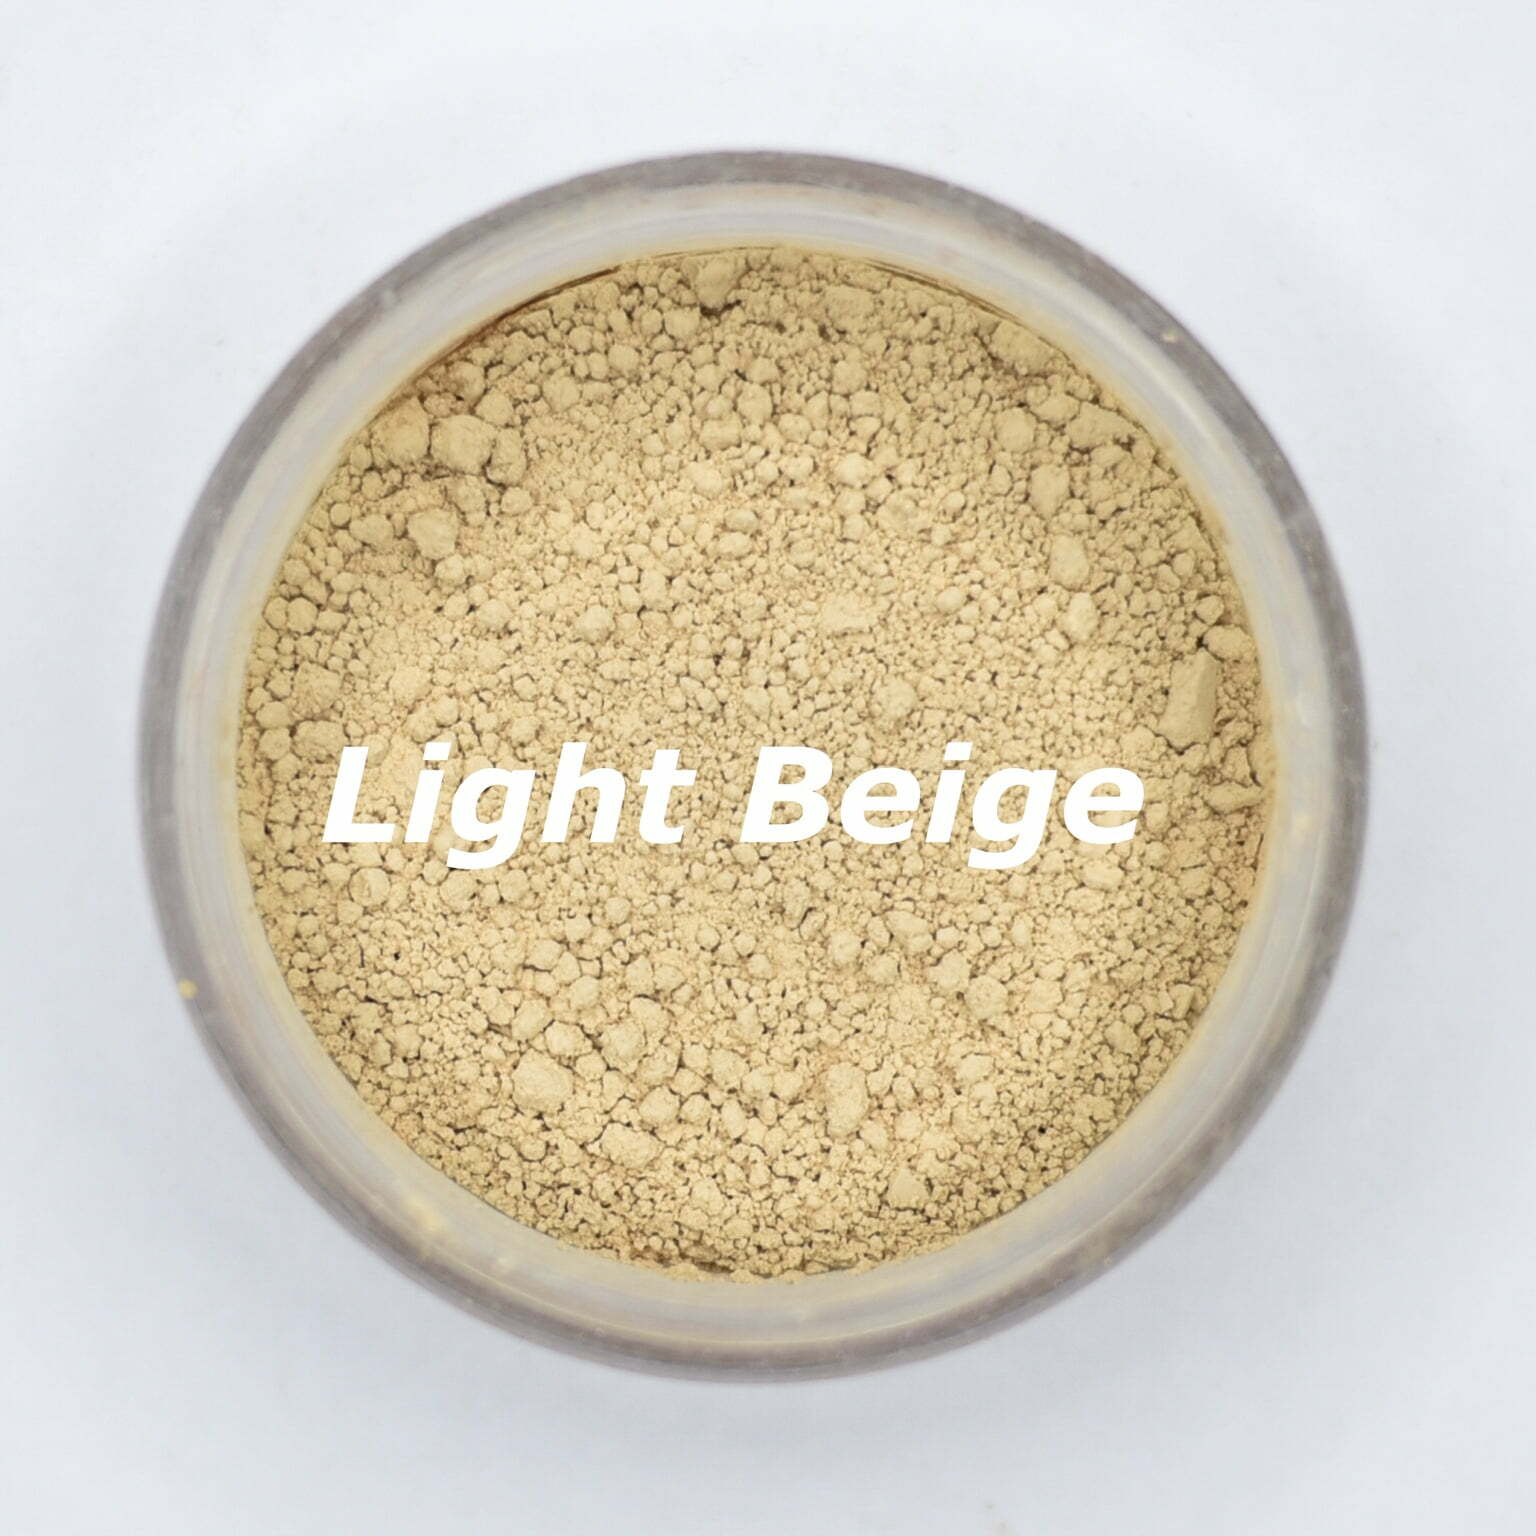 light beige foundation natural